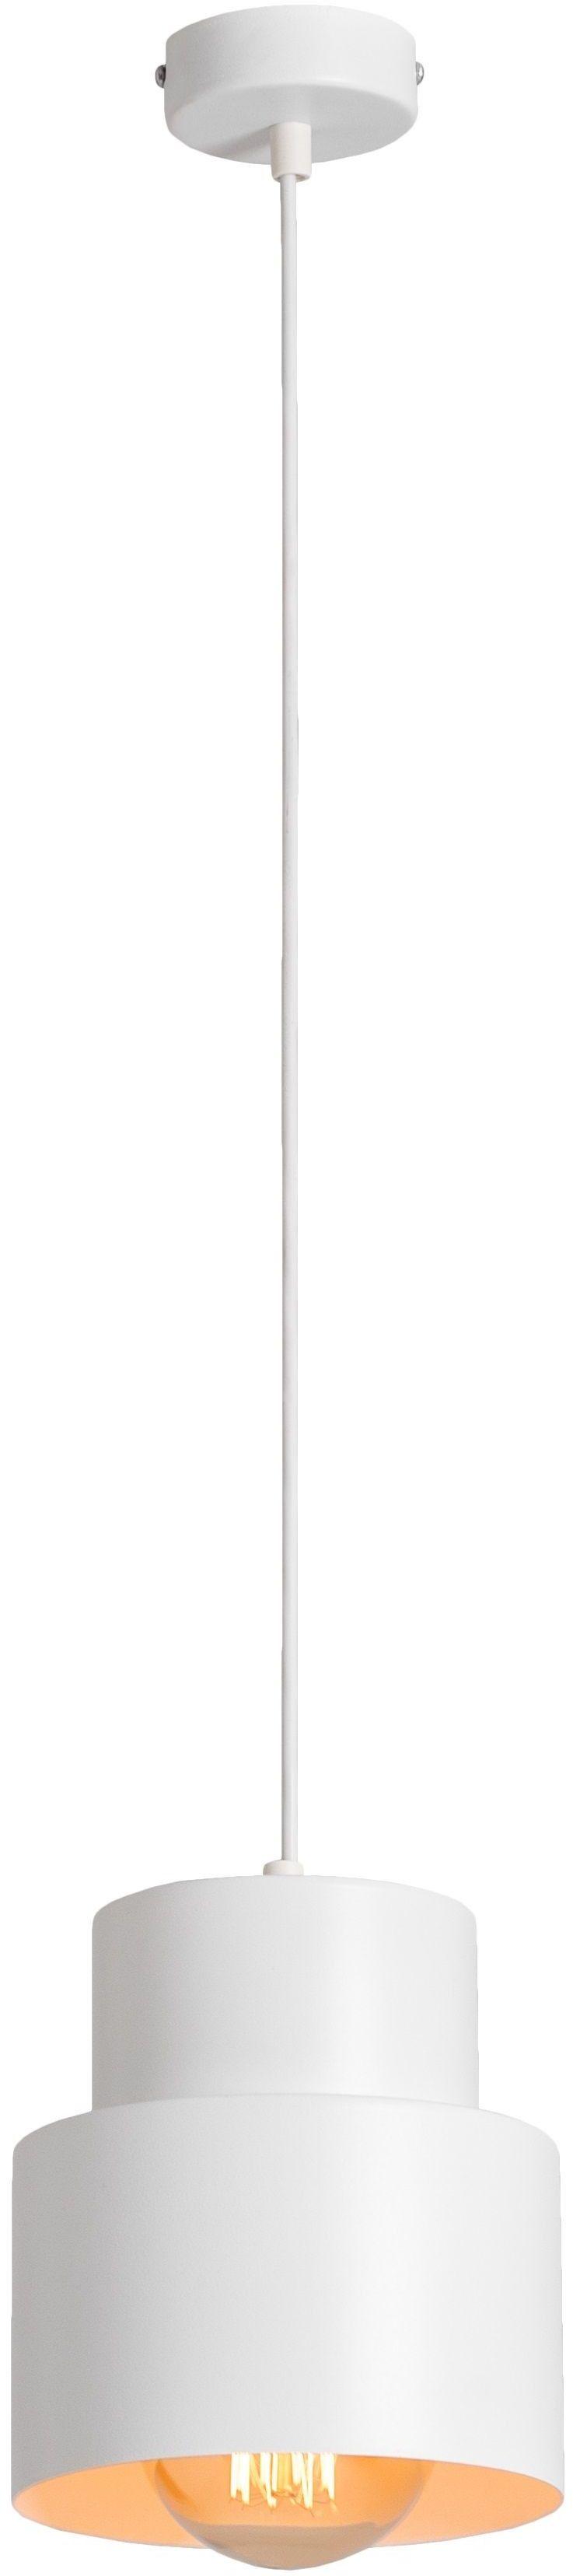 Lampa wisząca 1 punktowa Kadm biała 1028G - Aldex Do -17% rabatu w koszyku i darmowa dostawa od 299zł !